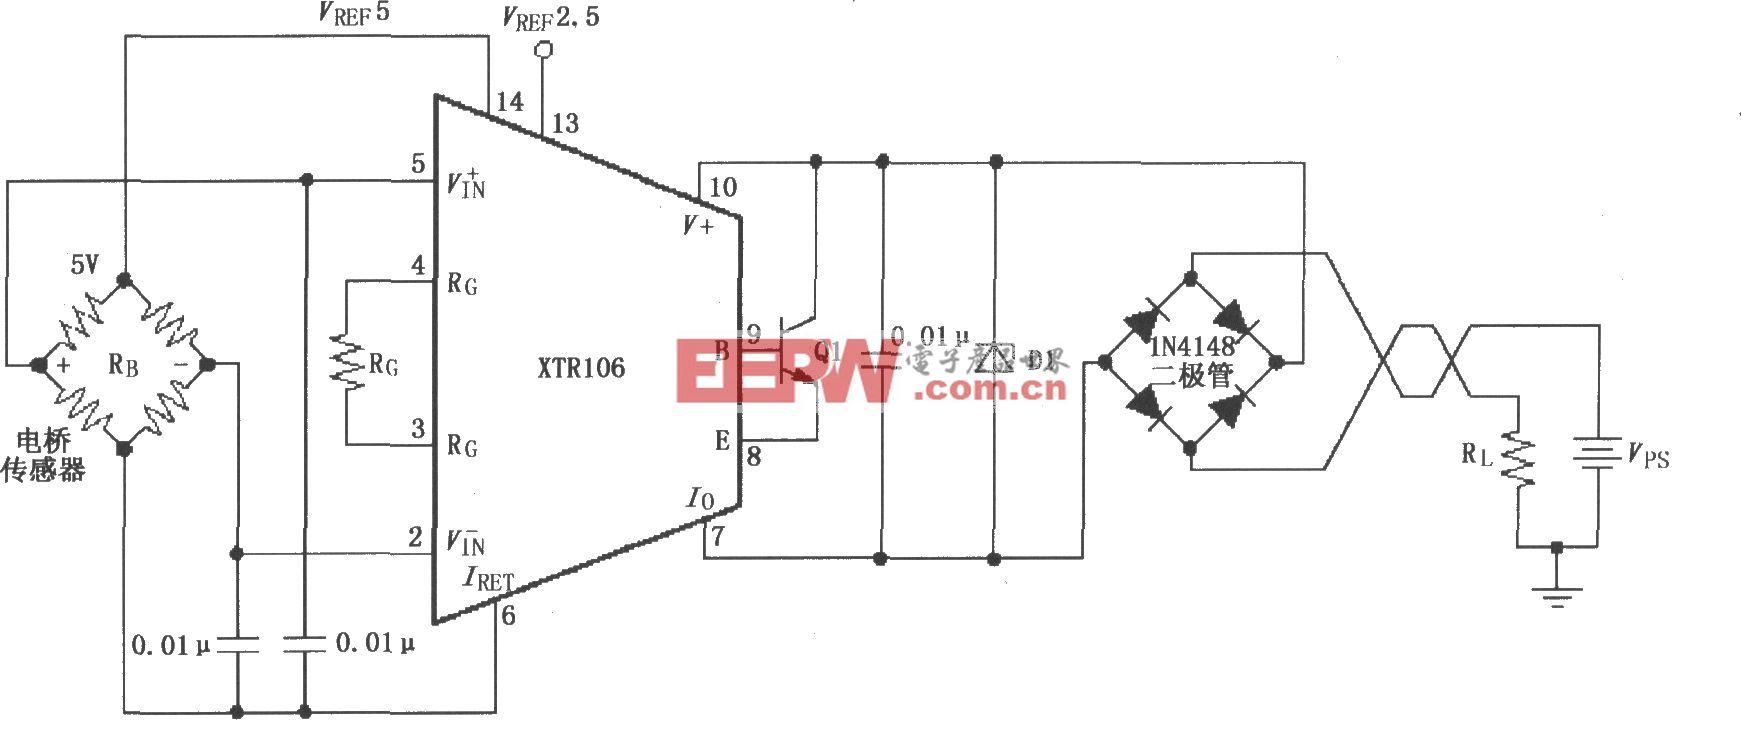 反向电压和浪涌过电压保护电路(XTR106)